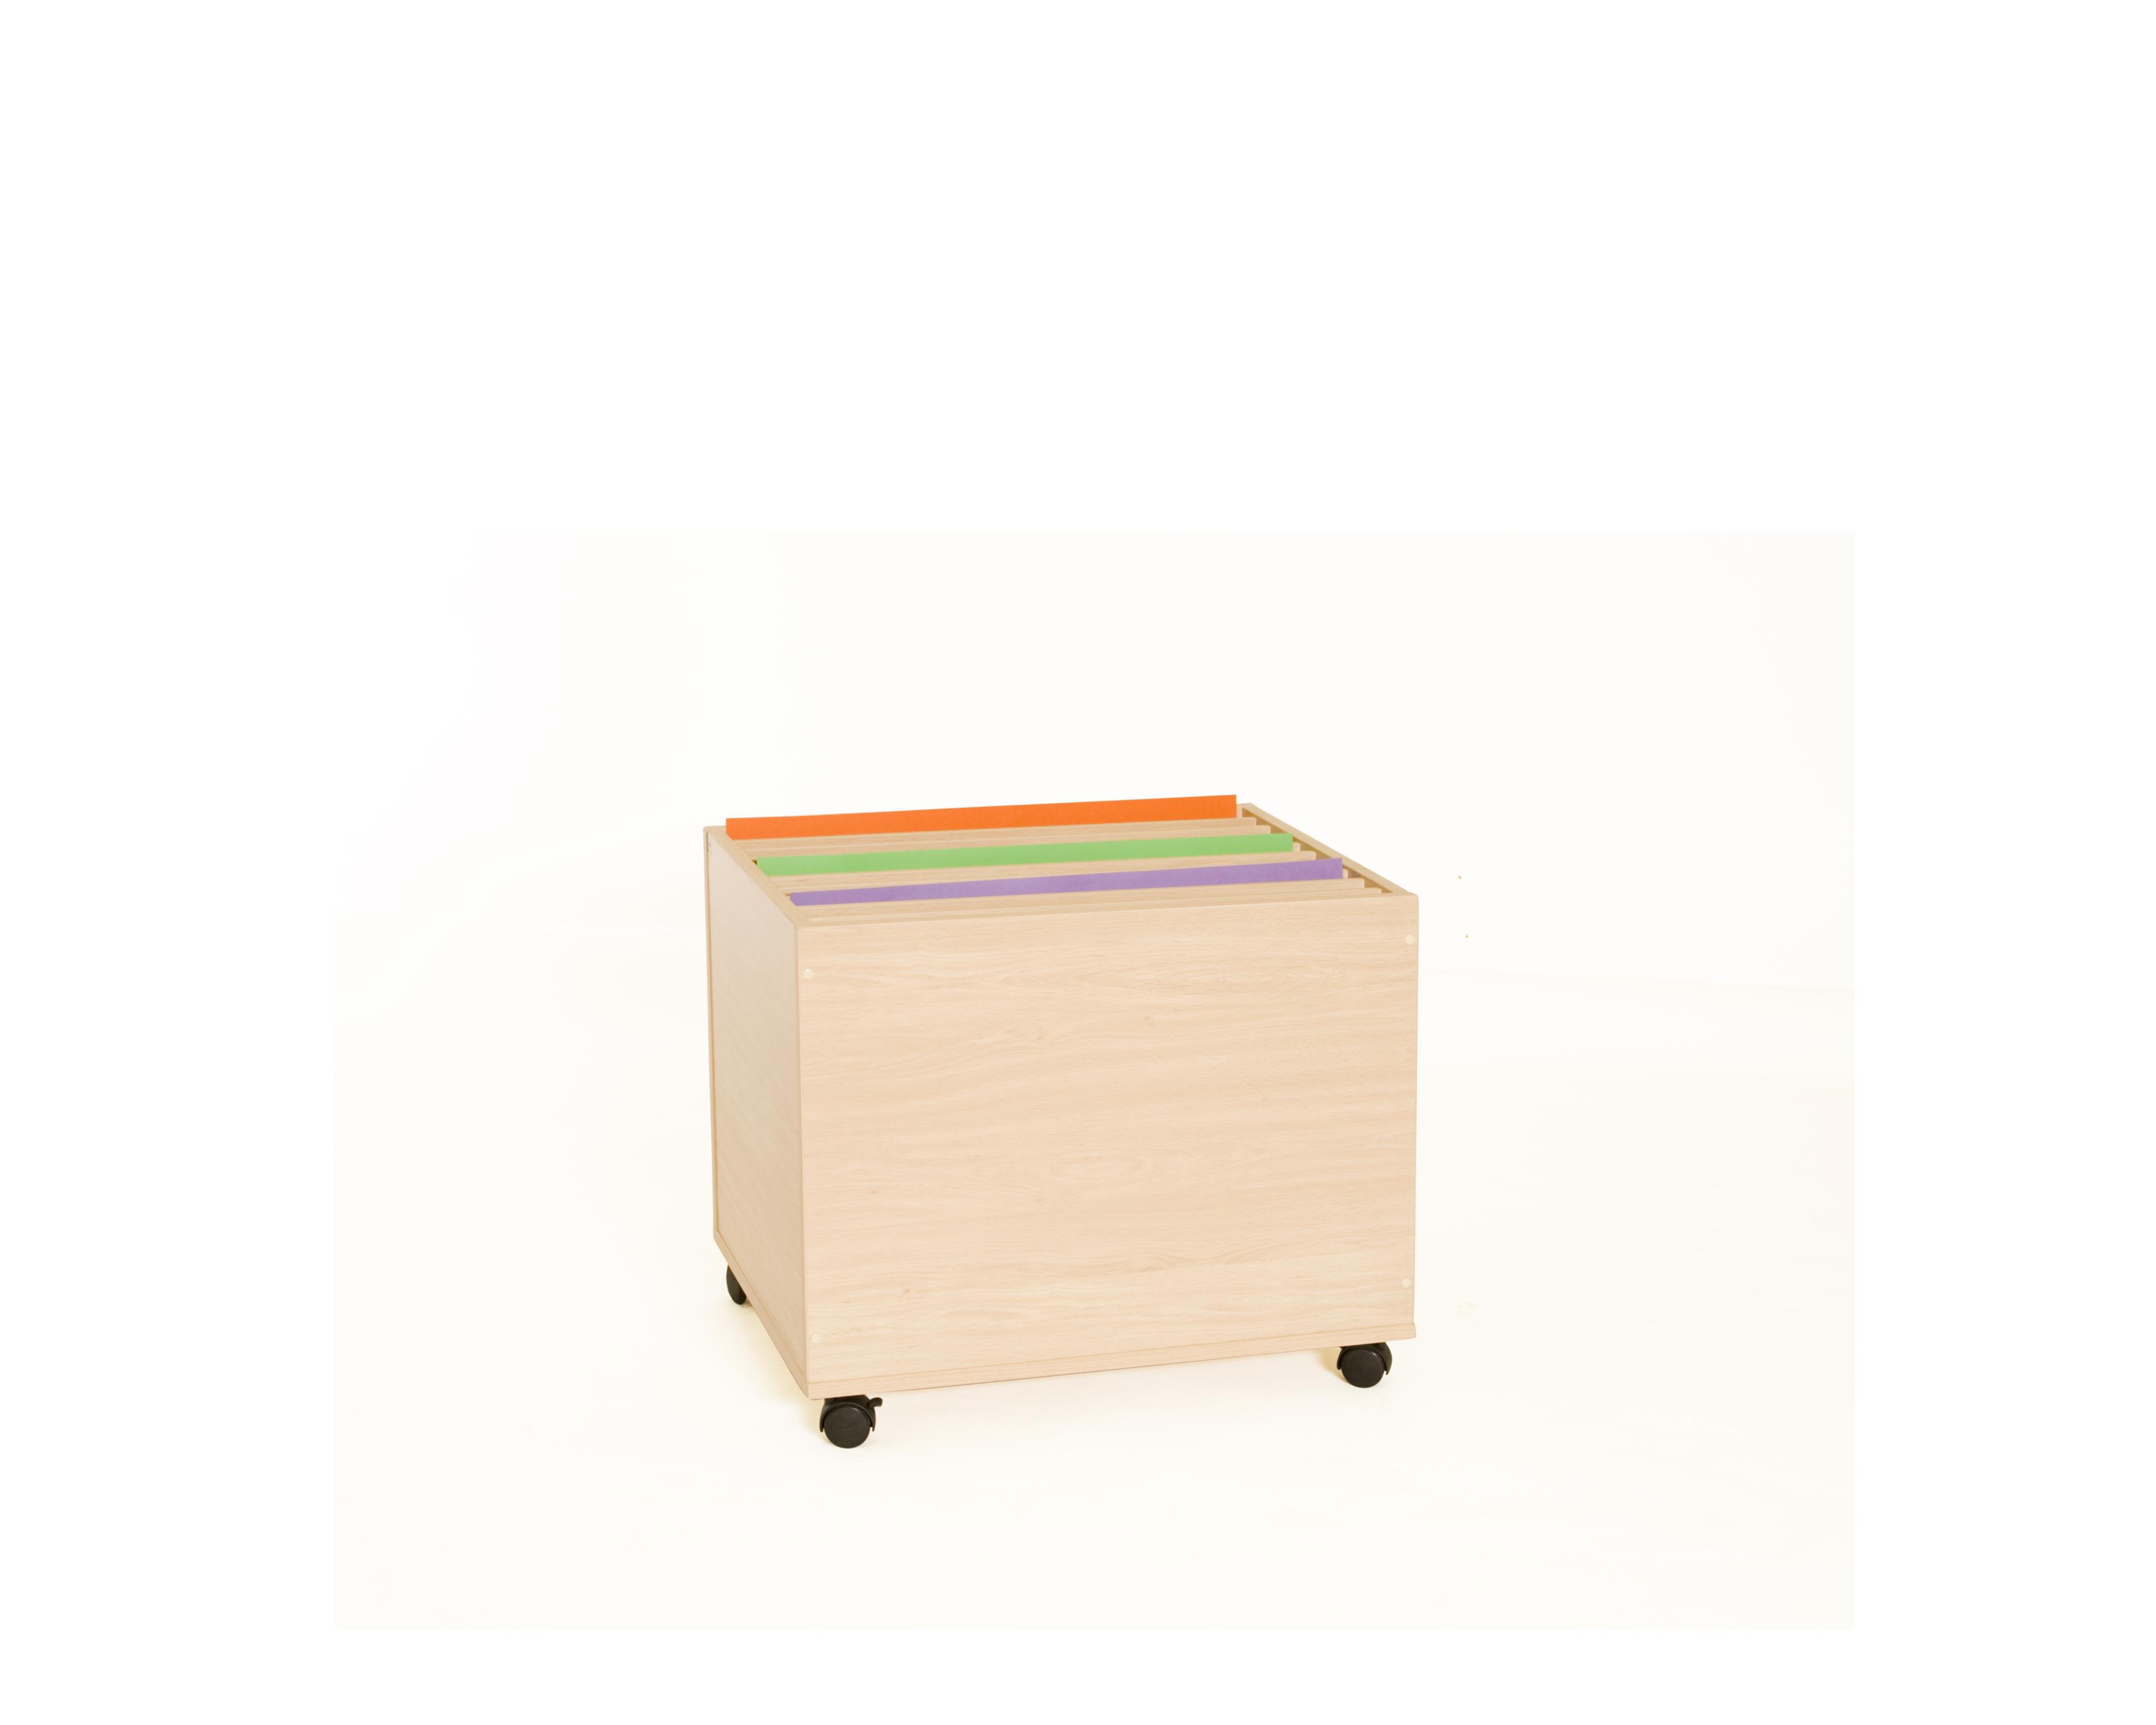 600909 mueble archivador de cartulinas vertical for Mueble archivador